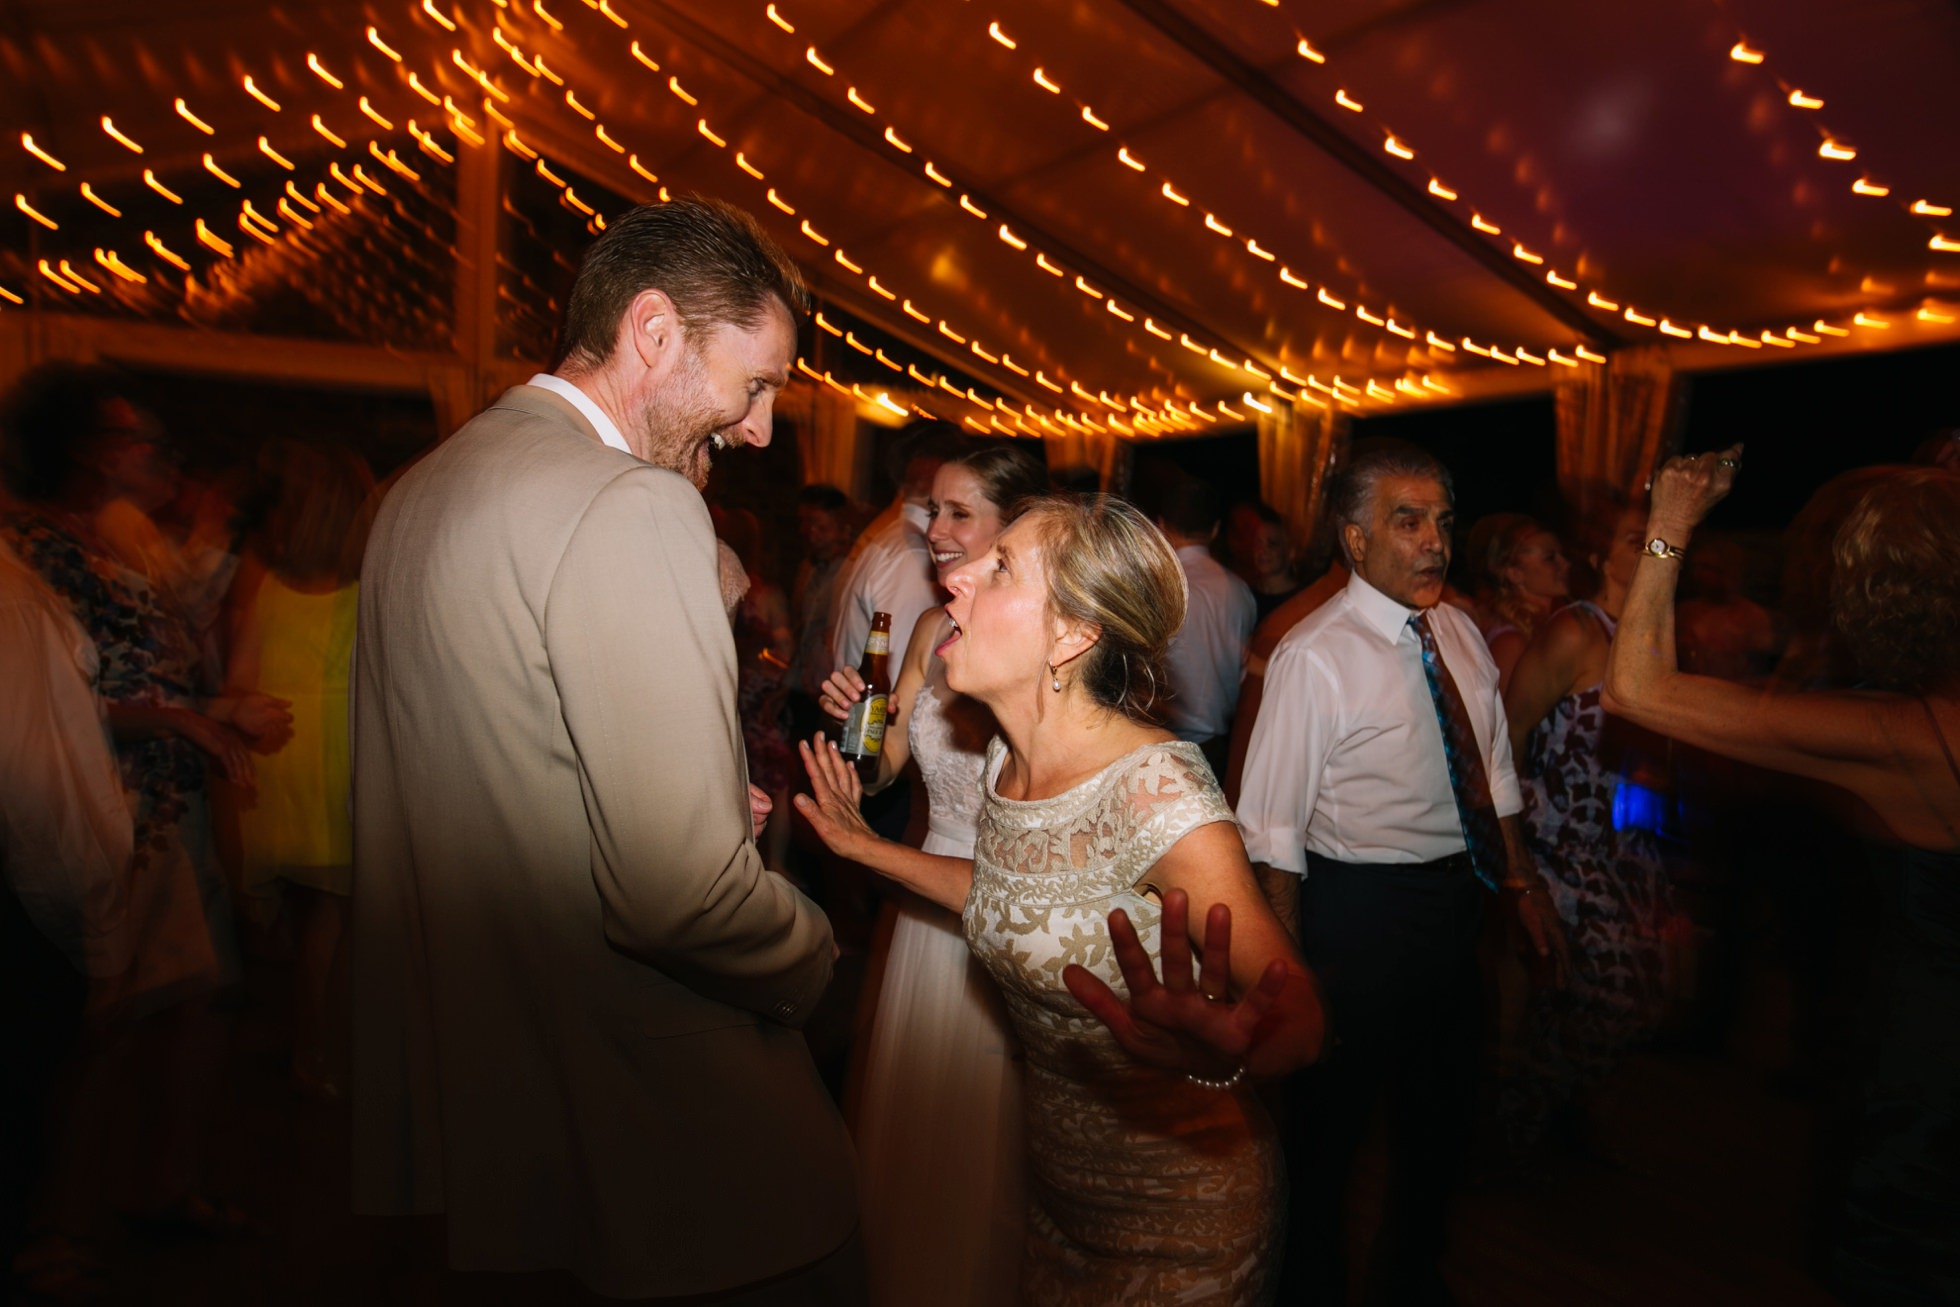 Romantic Bartram's Garden Outdoor Summer Wedding, Philadelphia | brittneyraine.com 112